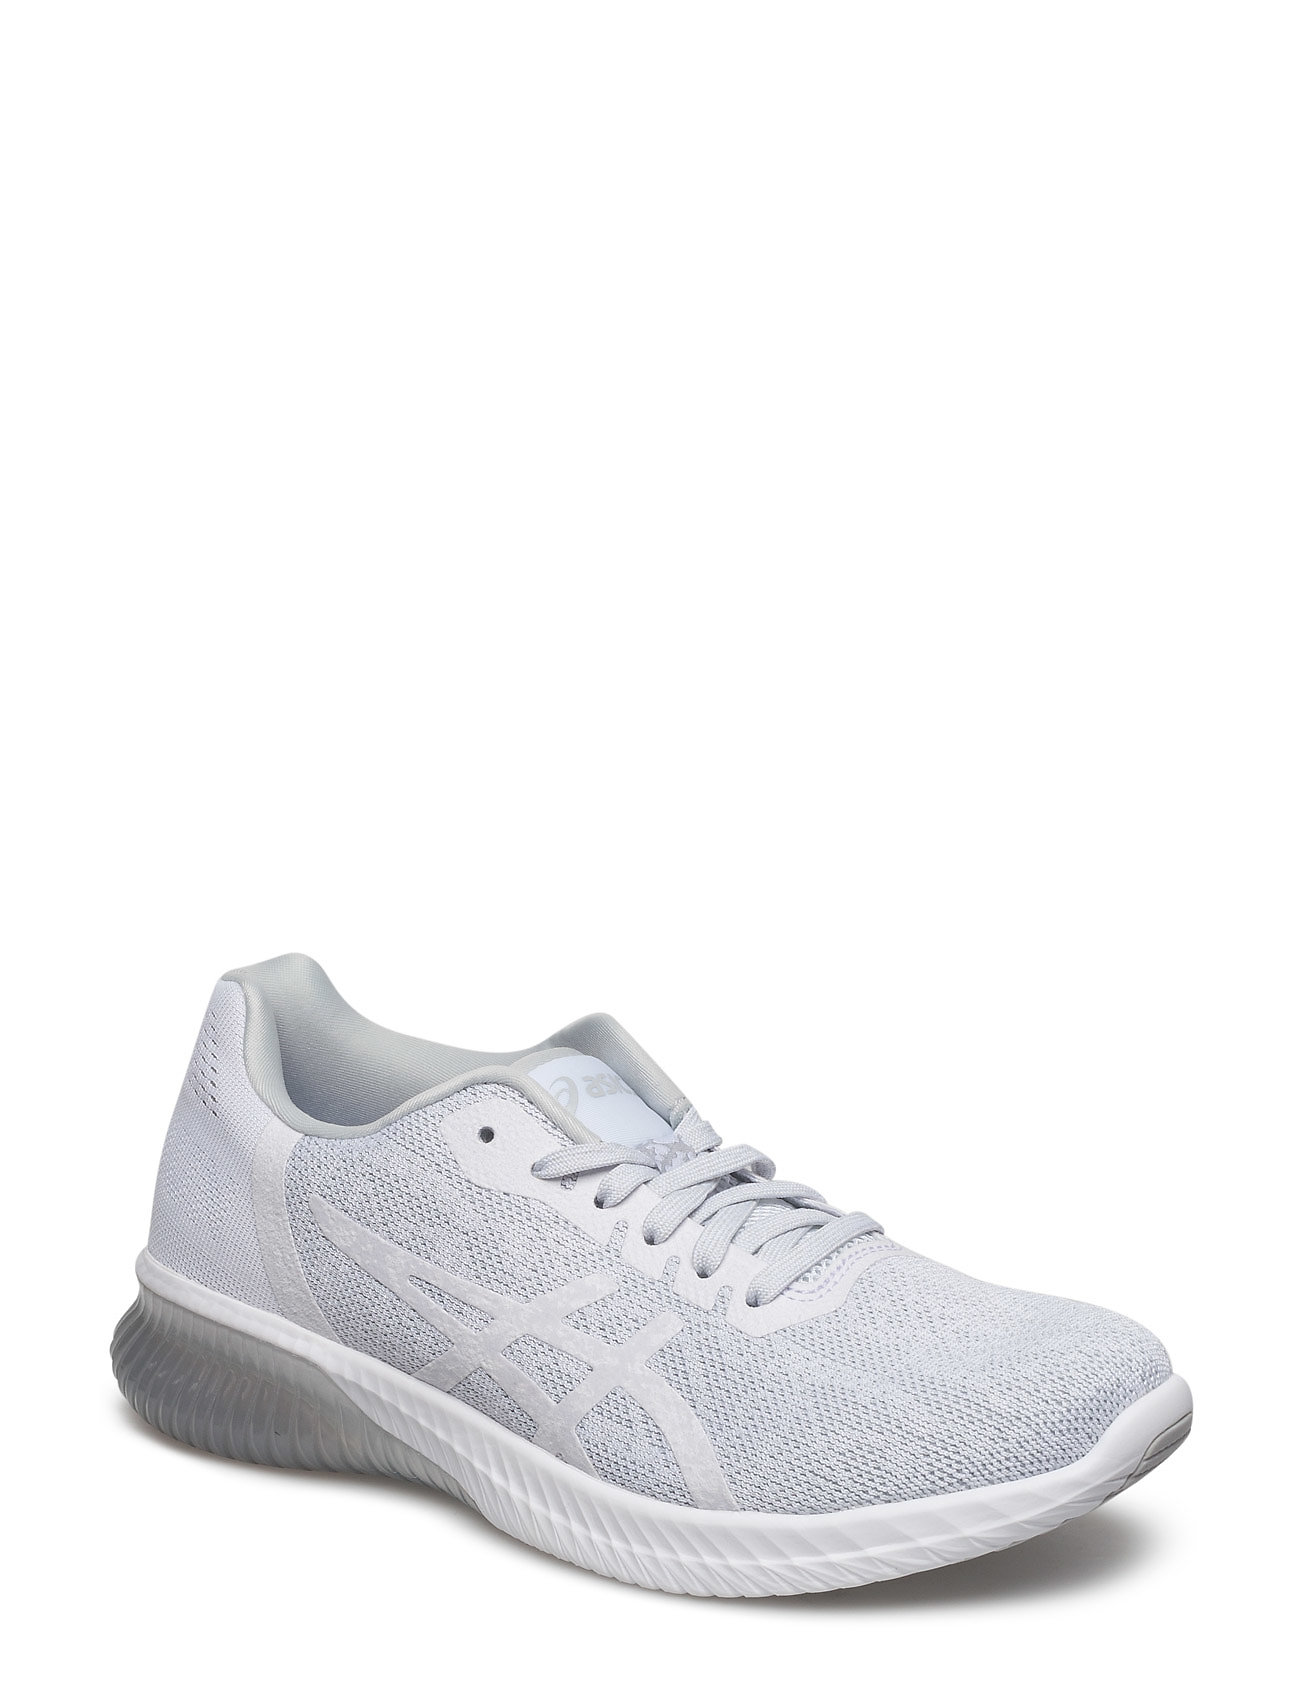 Gel-Kenun Asics Sports sko til Damer i